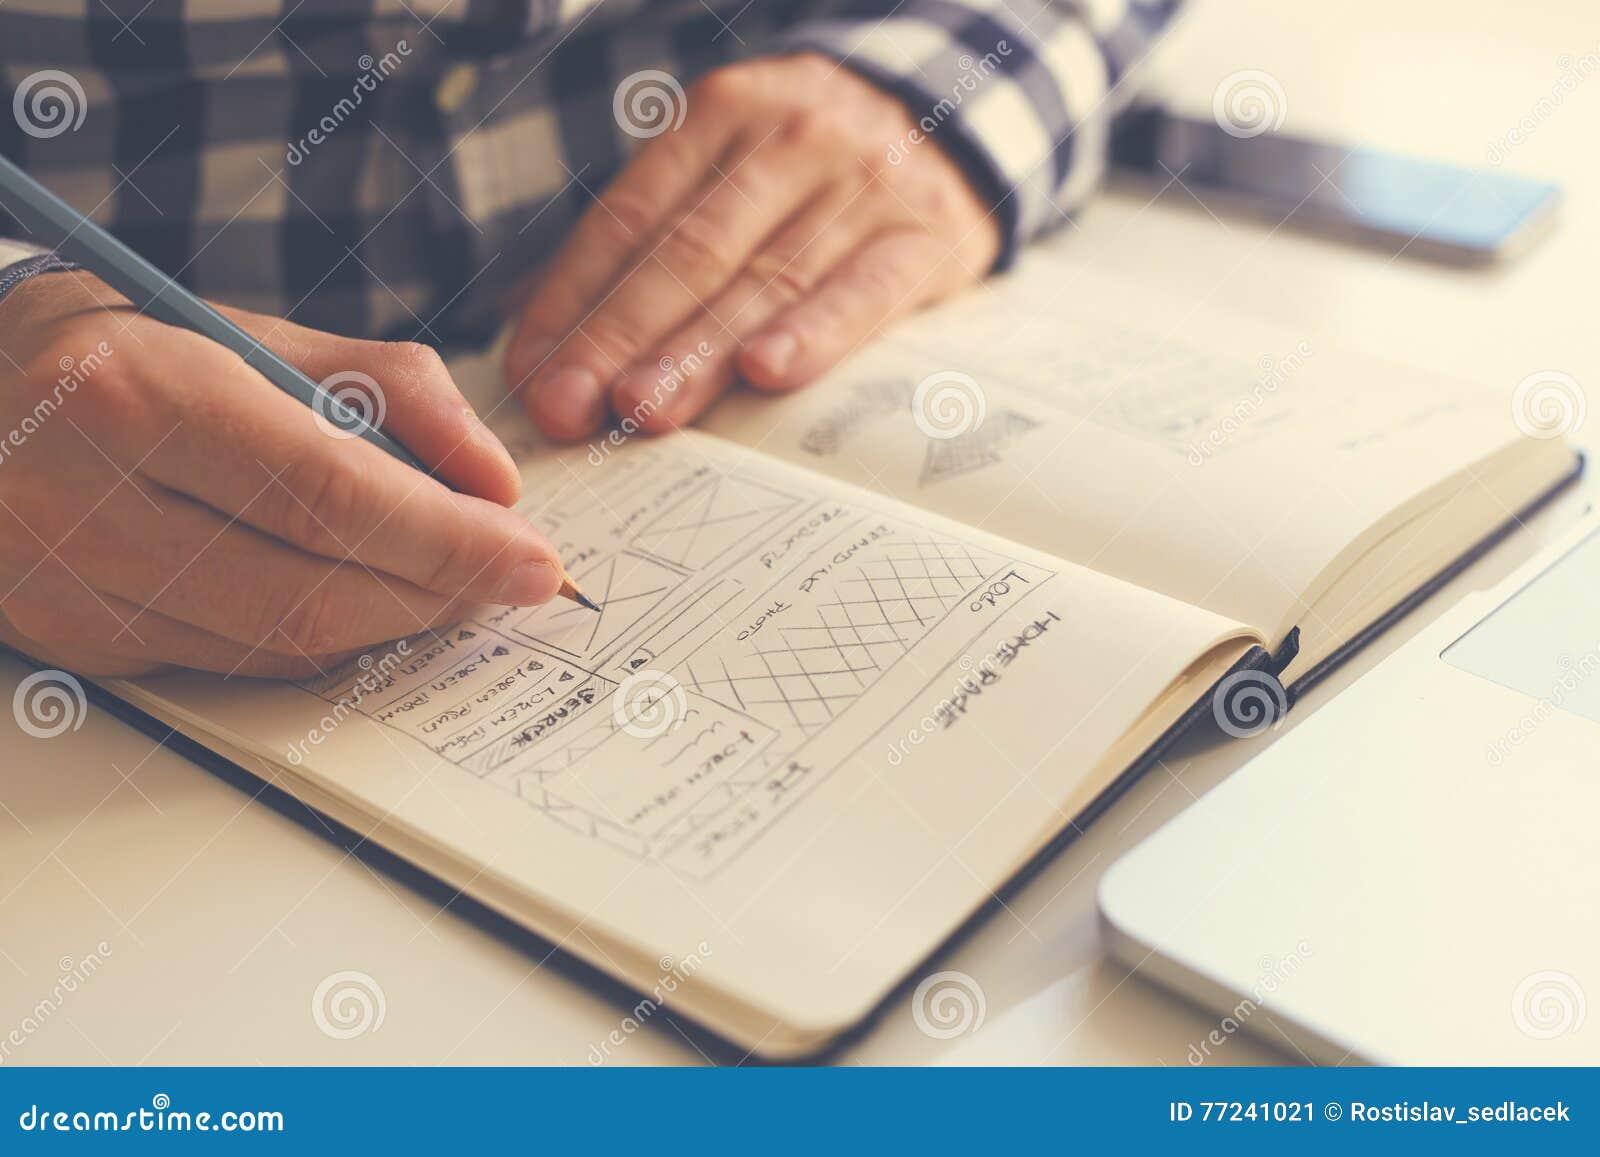 Man sketching graphic sketch